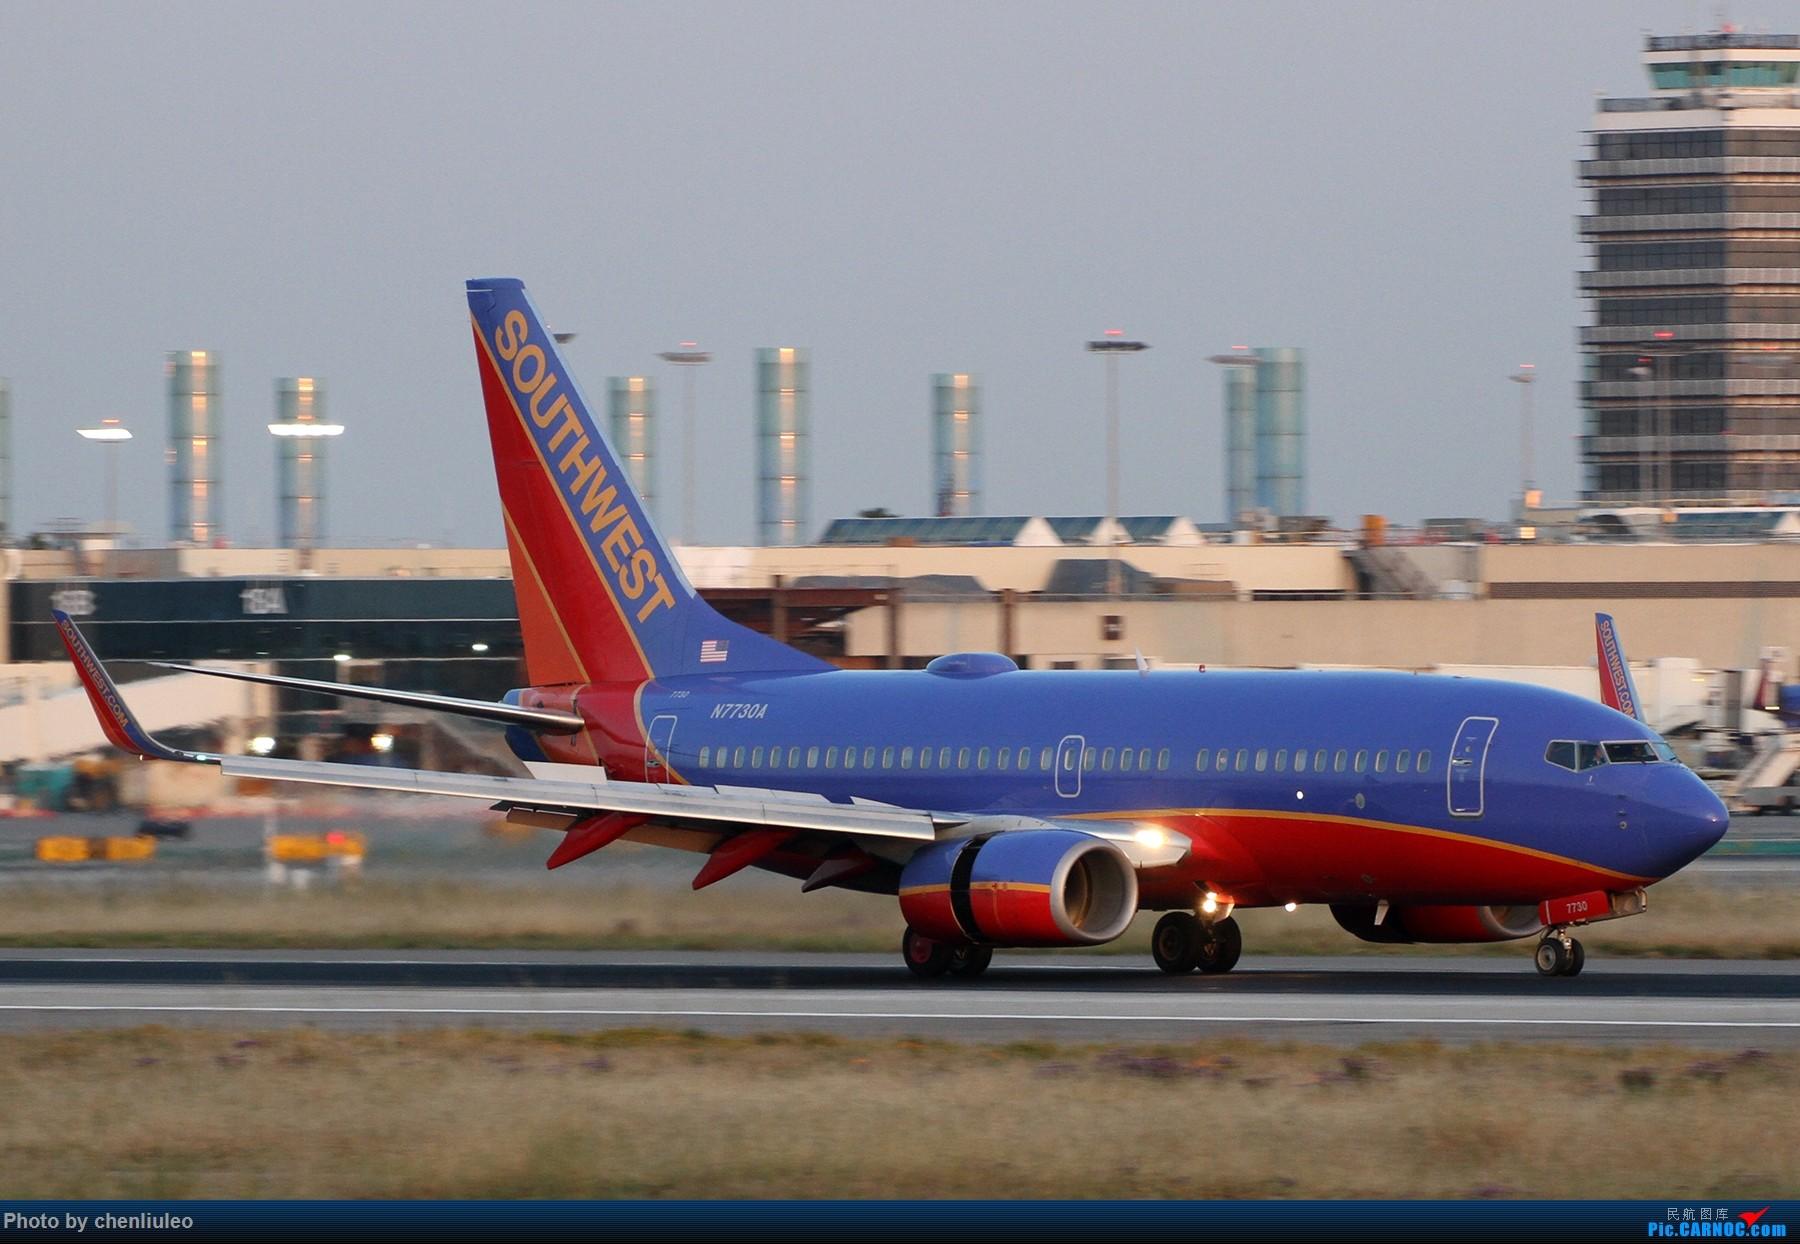 Re:[原创]【北美飞友会】洛杉矶世界机场黄昏随拍 BOEING 737-700 N7730A 美国洛杉矶机场